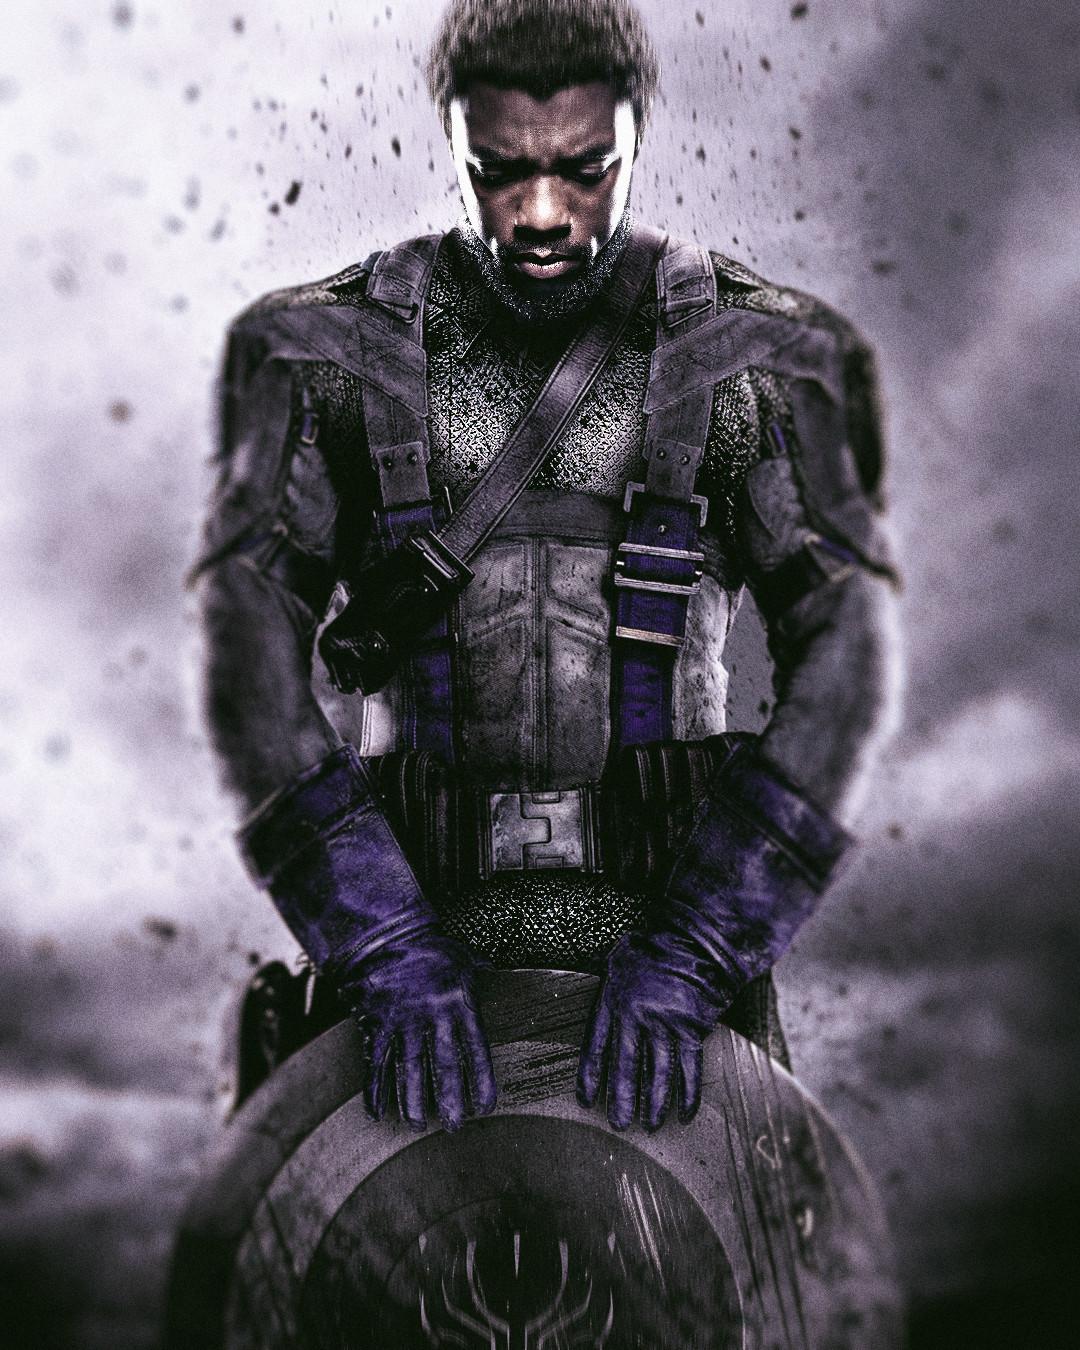 Black Panther x Captain America mashup